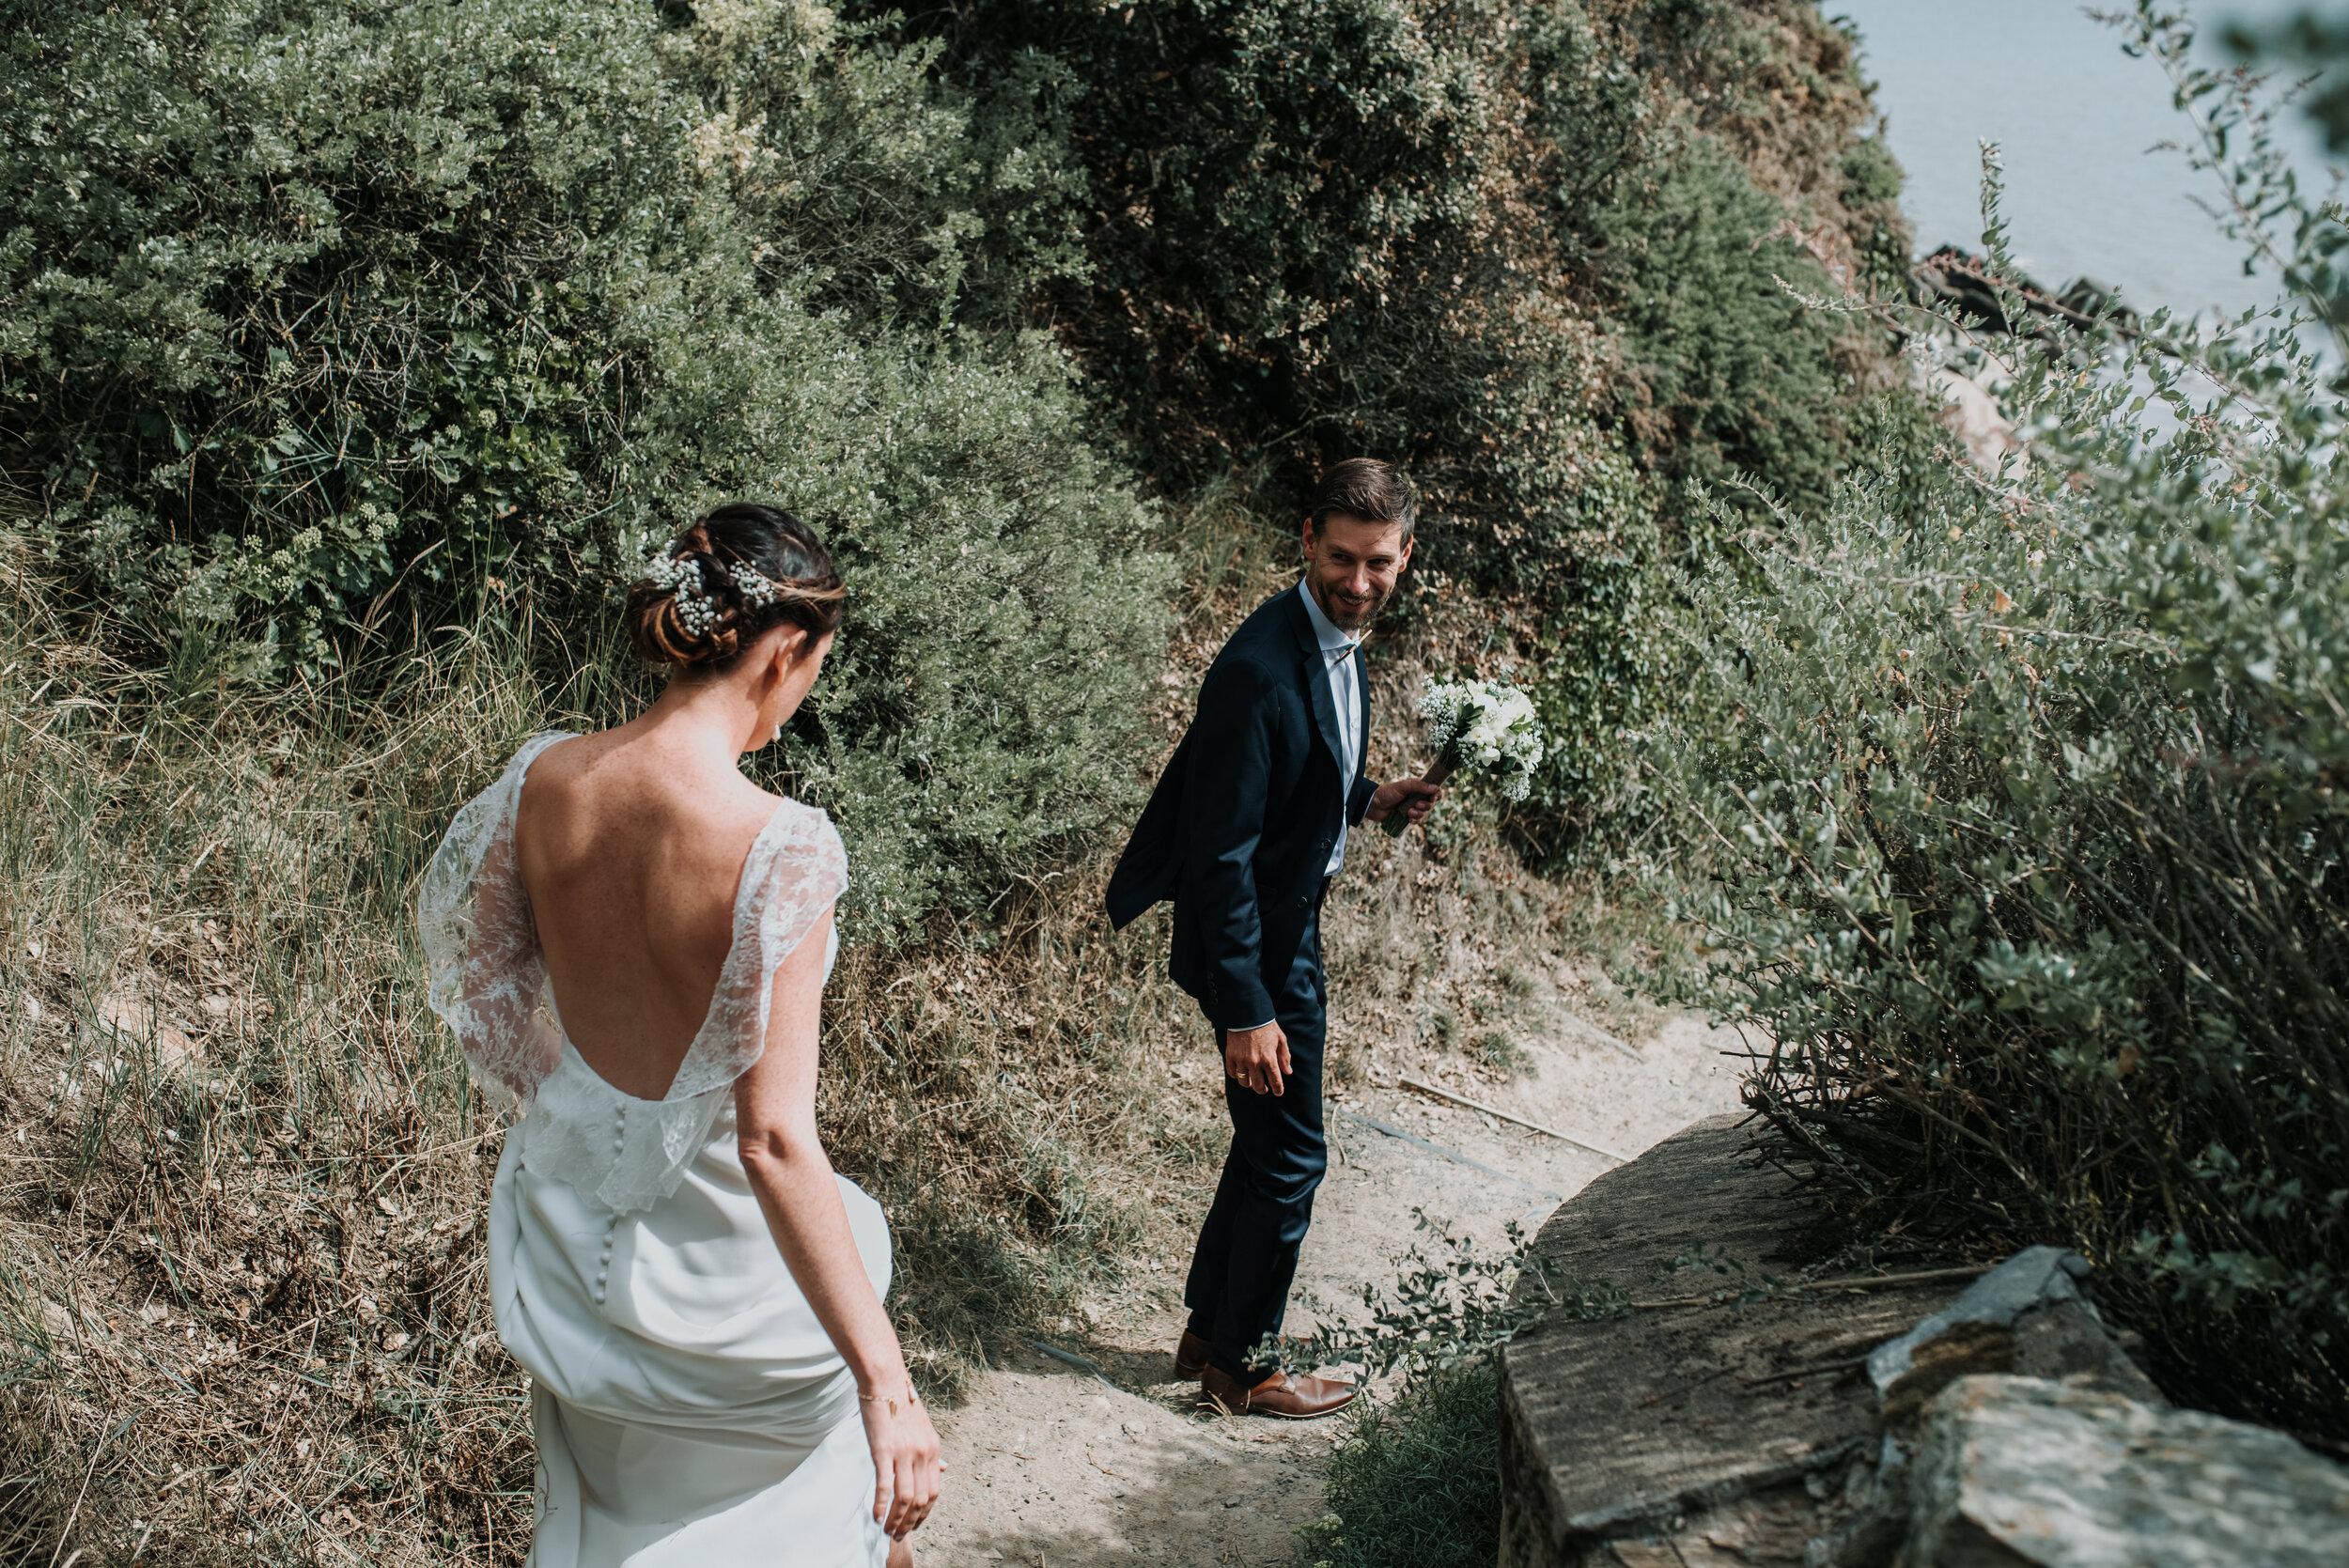 Léa-Fery-photographe-professionnel-Bretagne-portrait-creation-mariage-evenement-evenementiel-famille-6568.jpg